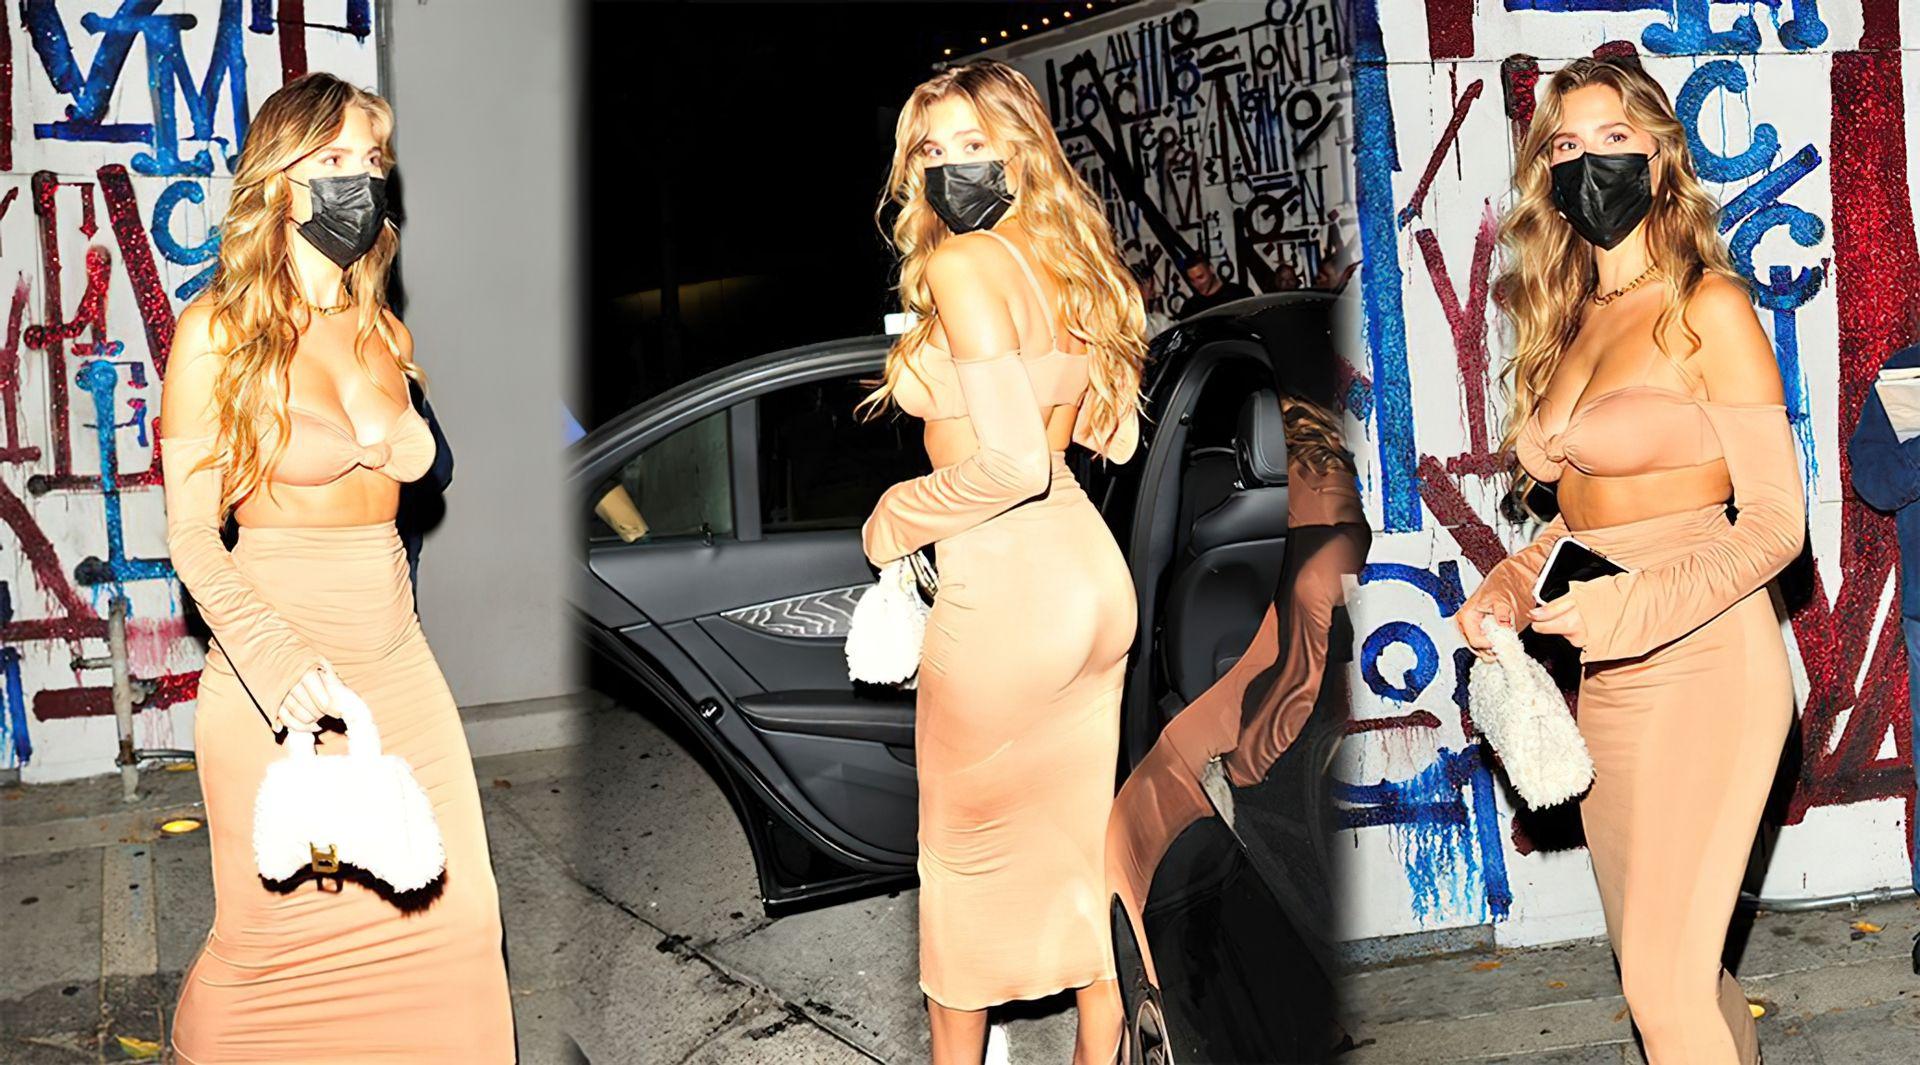 Kara-Del-Toro-Sexy-19-thefappeningblog.com_.jpg